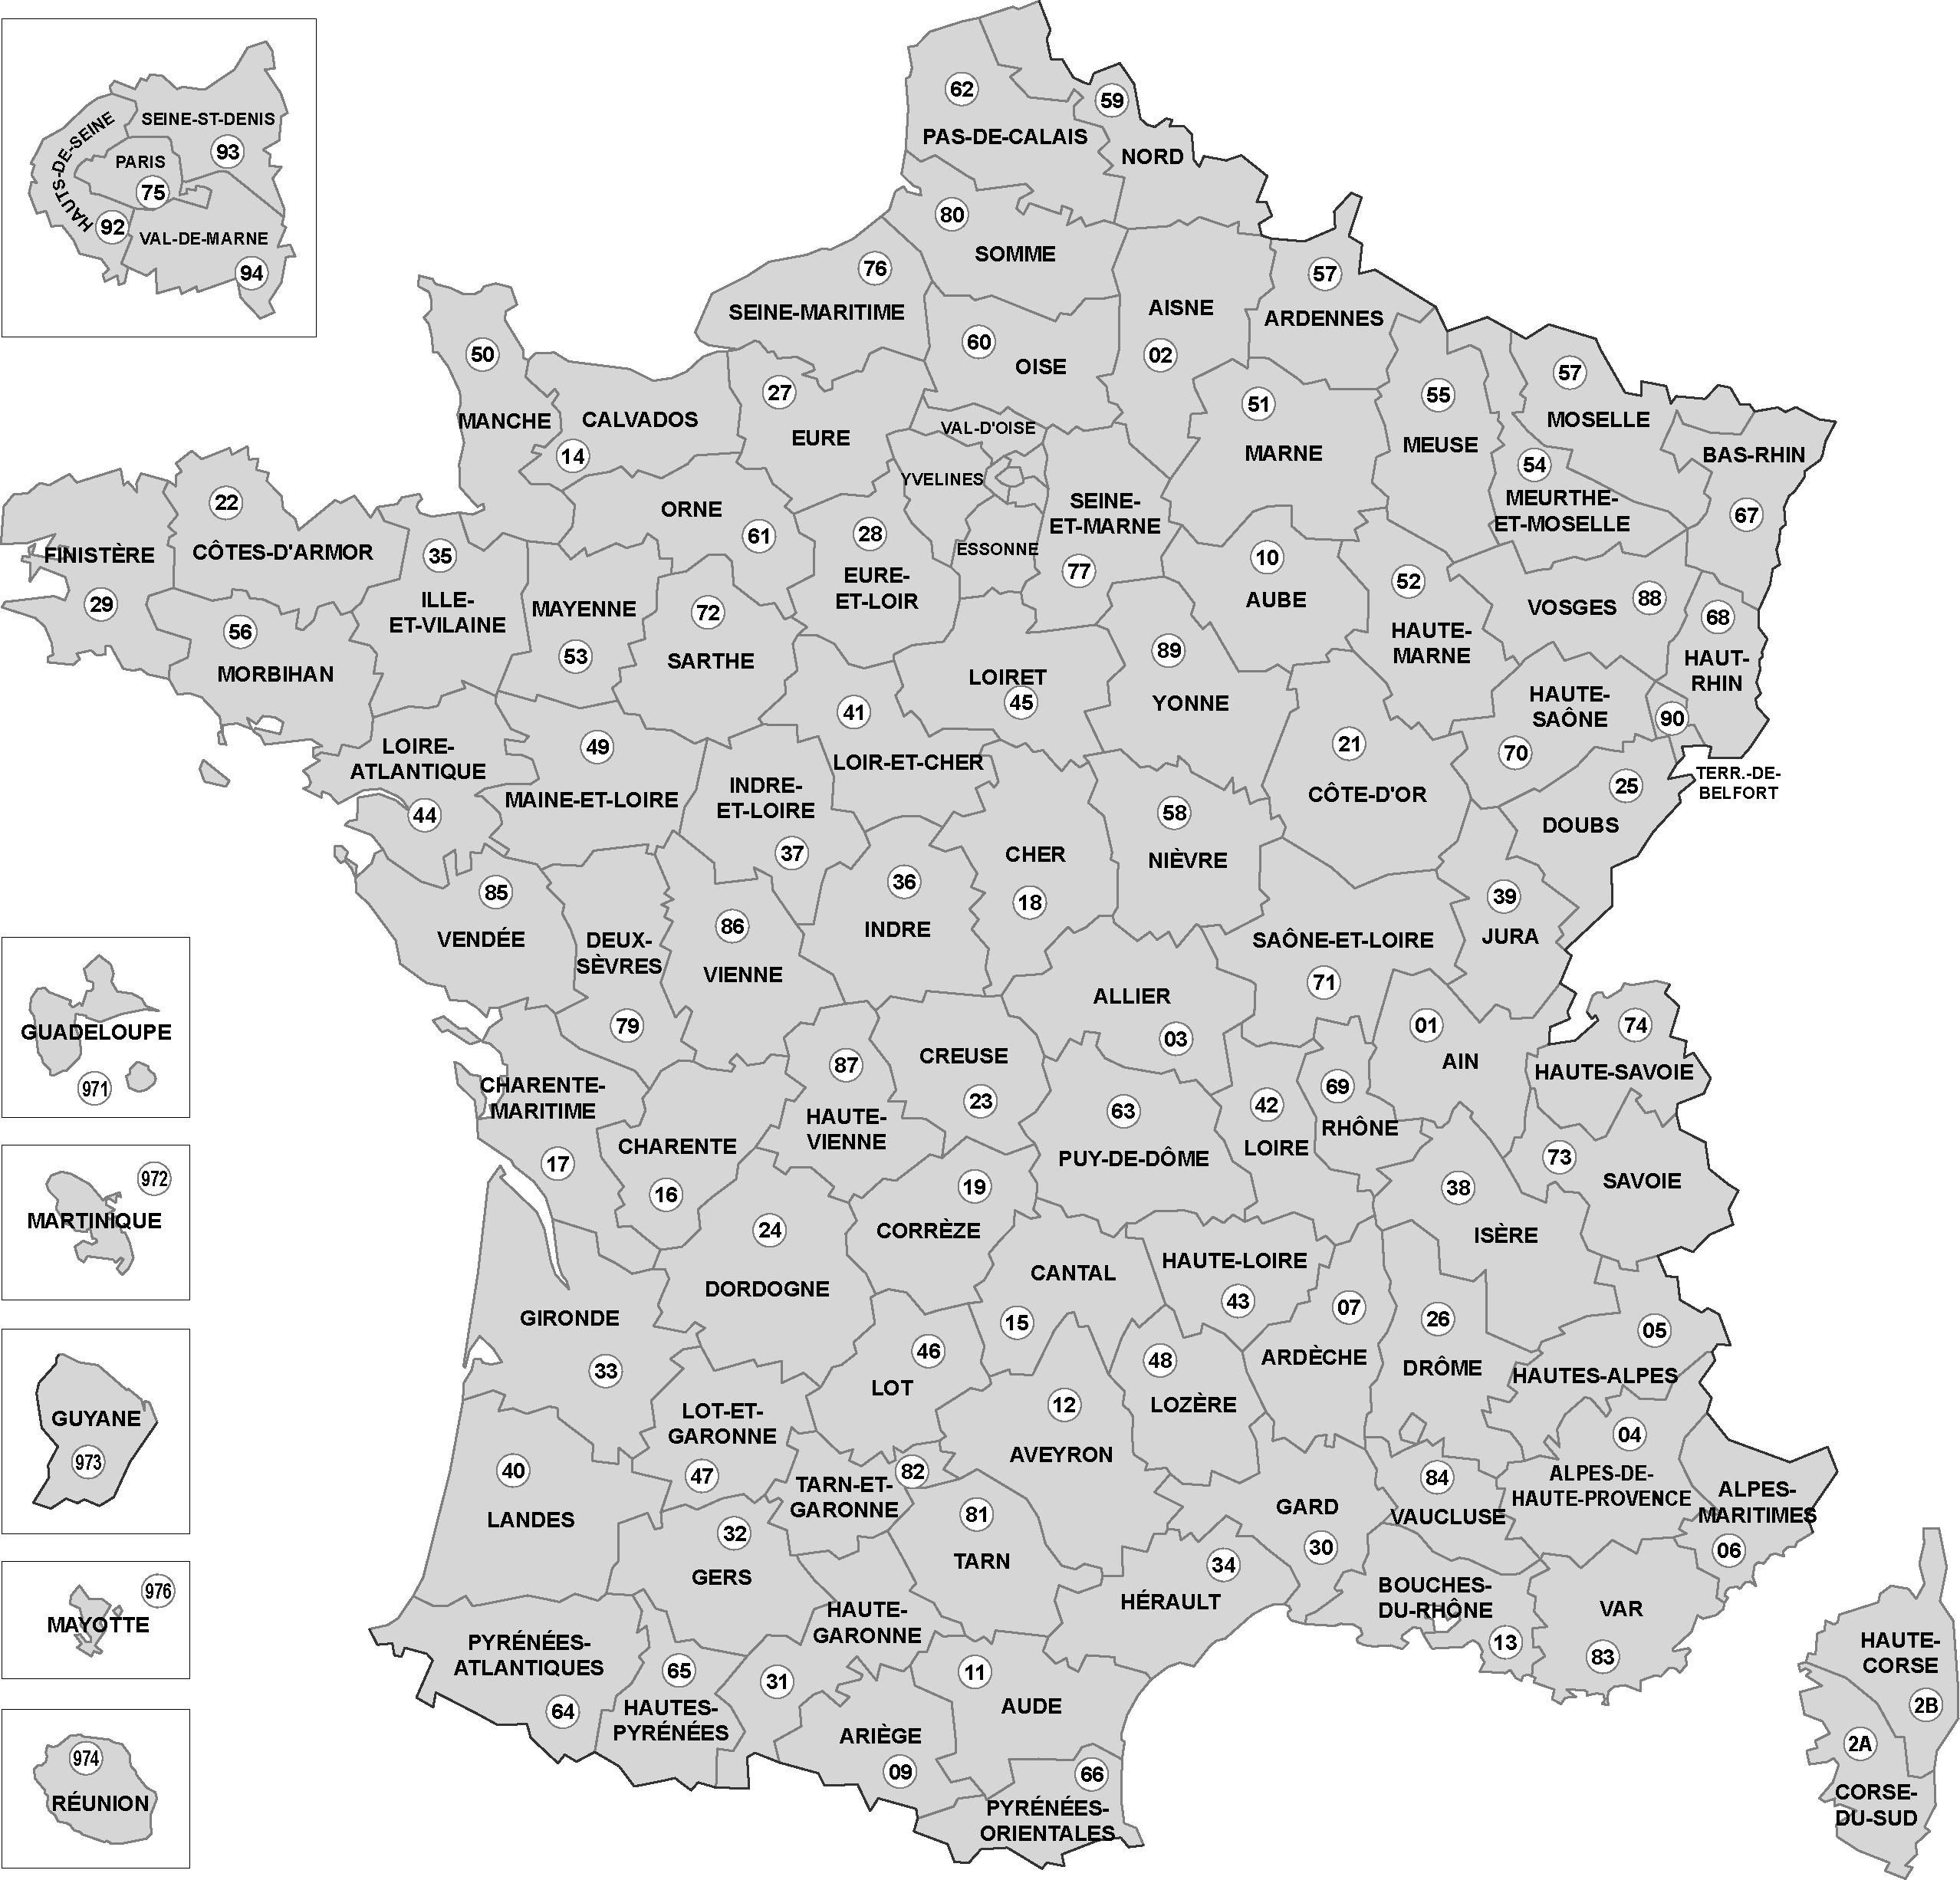 101 departement français